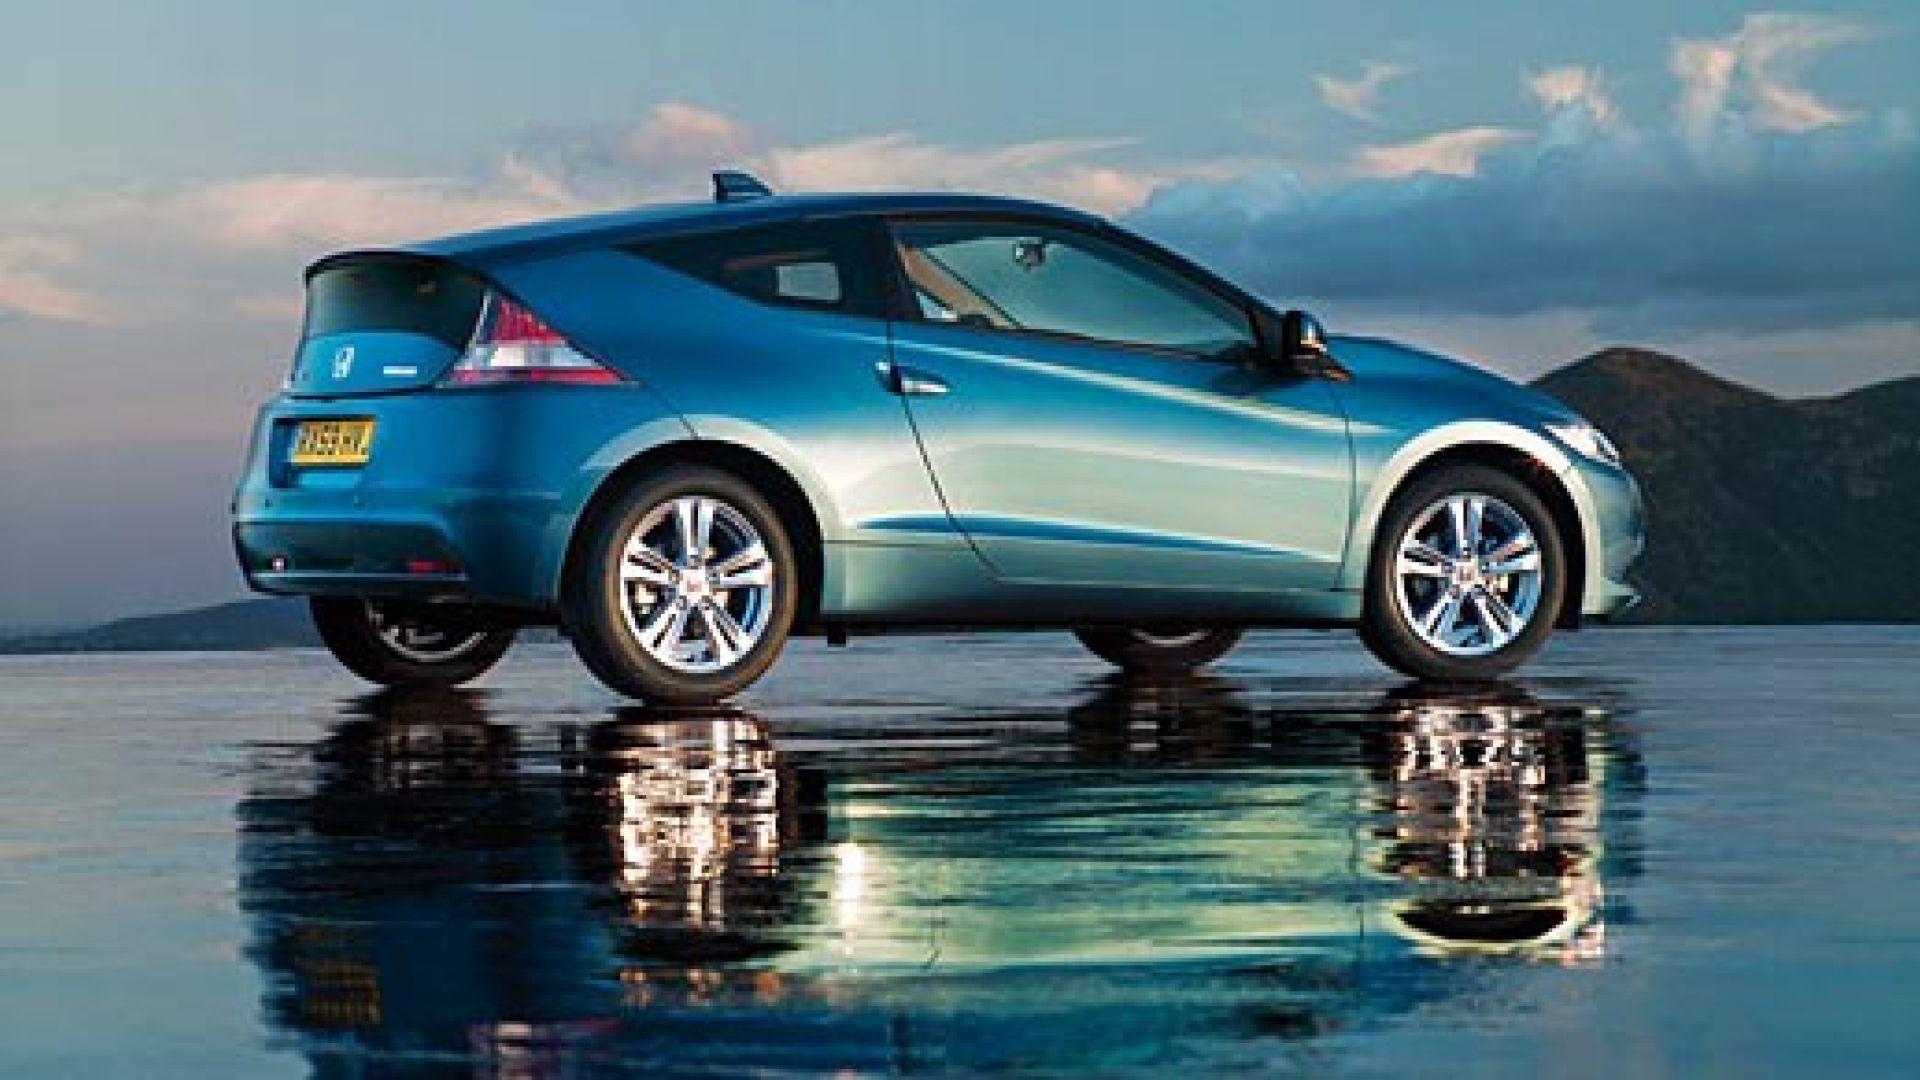 Immagine 33: I marchi auto più importanti del 2010